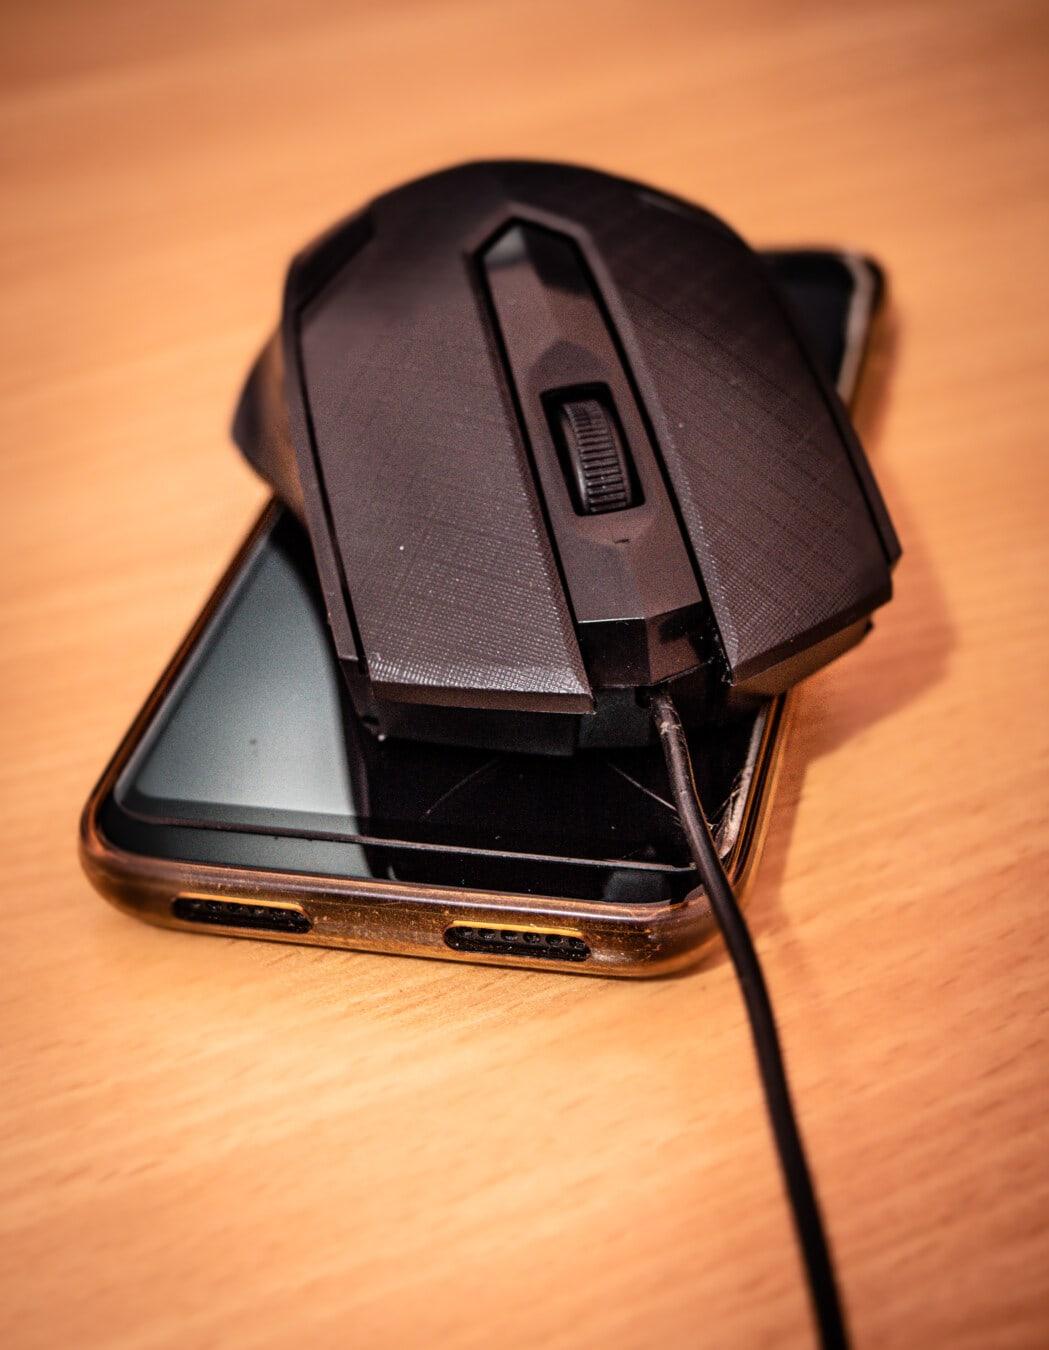 souris, téléphone portable, téléphone portable, périphérique, technologie, fermer, portable, téléphone, équipement, électronique